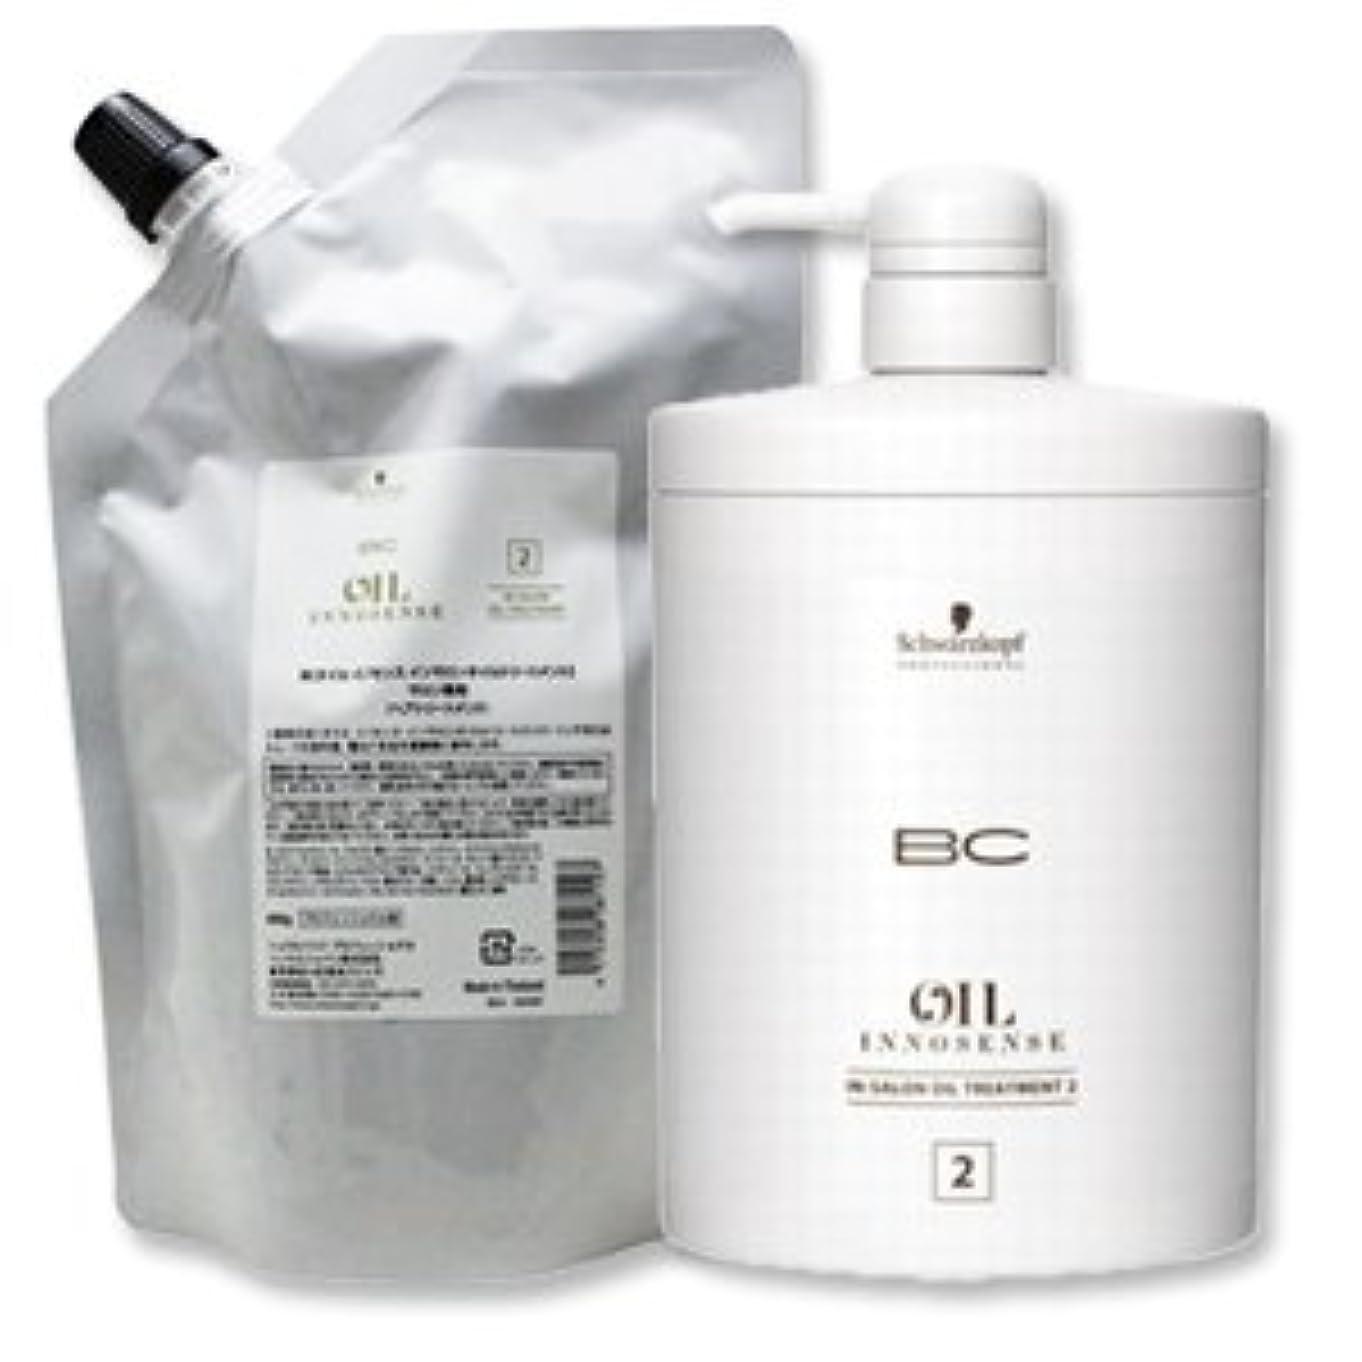 サドル変なバドミントンシュワルツコフ BC オイルイノセンス インサロンオイルトリートメント2 600g + 専用容器ポンプボトル セット